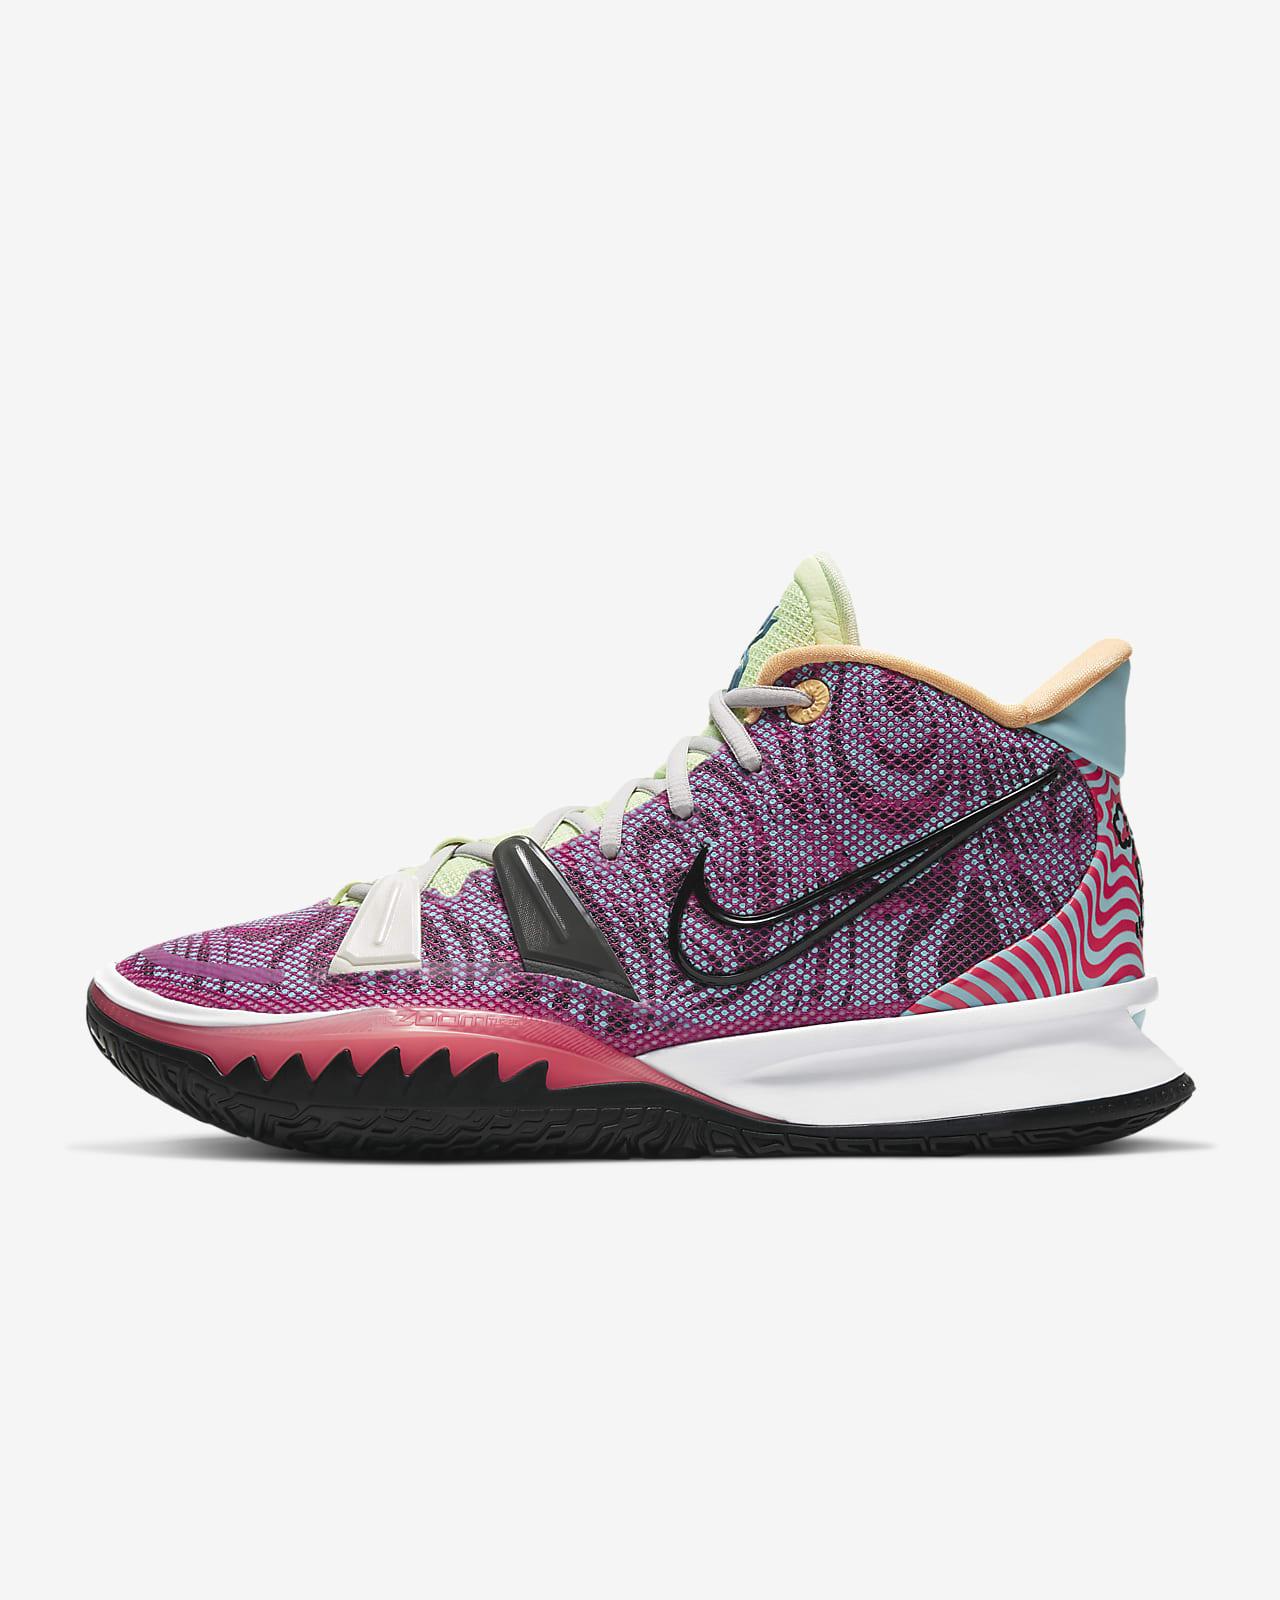 Chaussure de basketball Kyrie 7 « Creator »